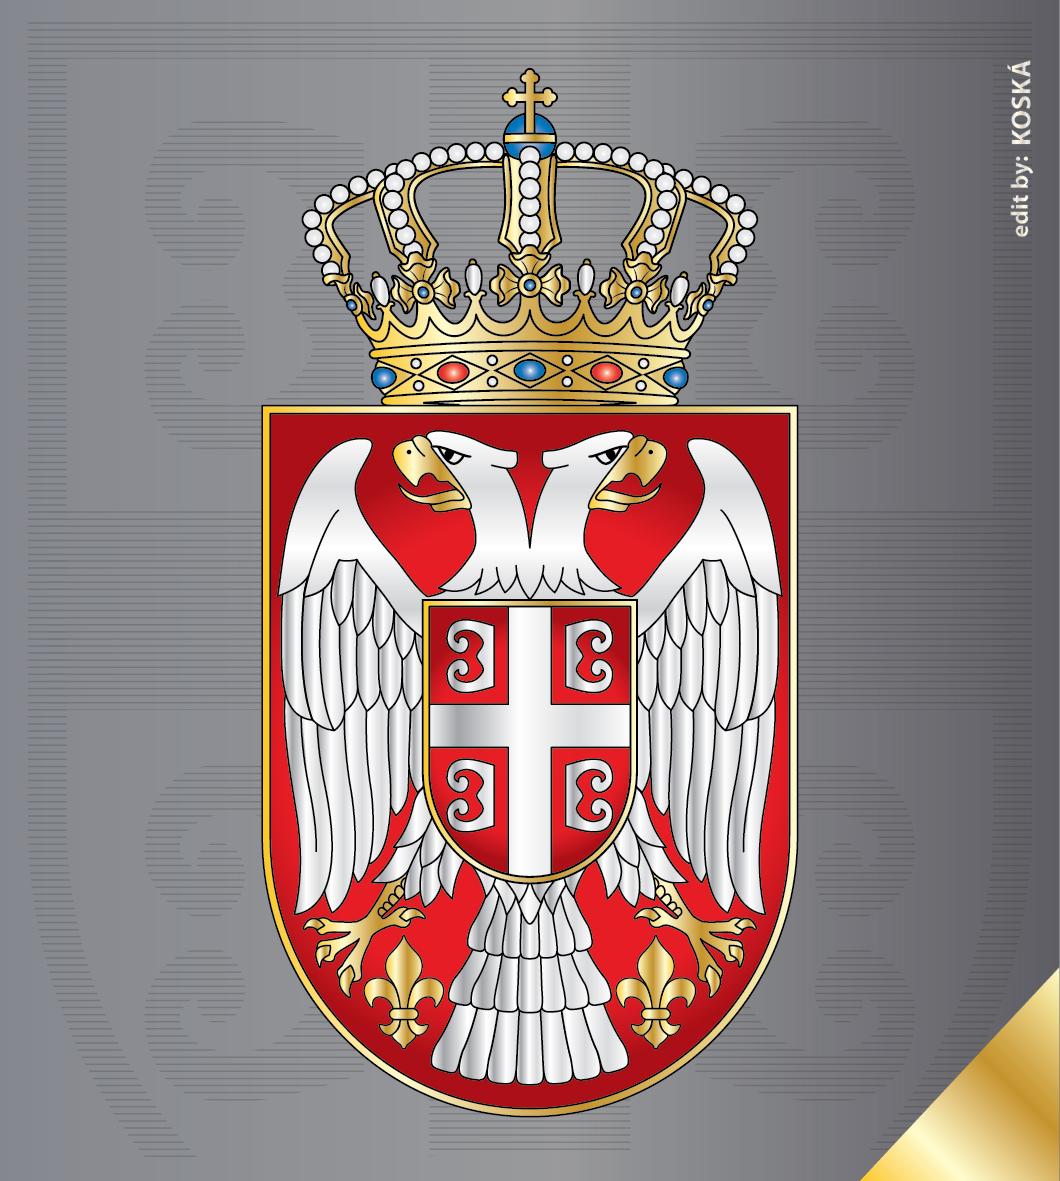 Srpski grb iz 1882.godine - Nekada grb Kraljevine Srbije za vreme ...